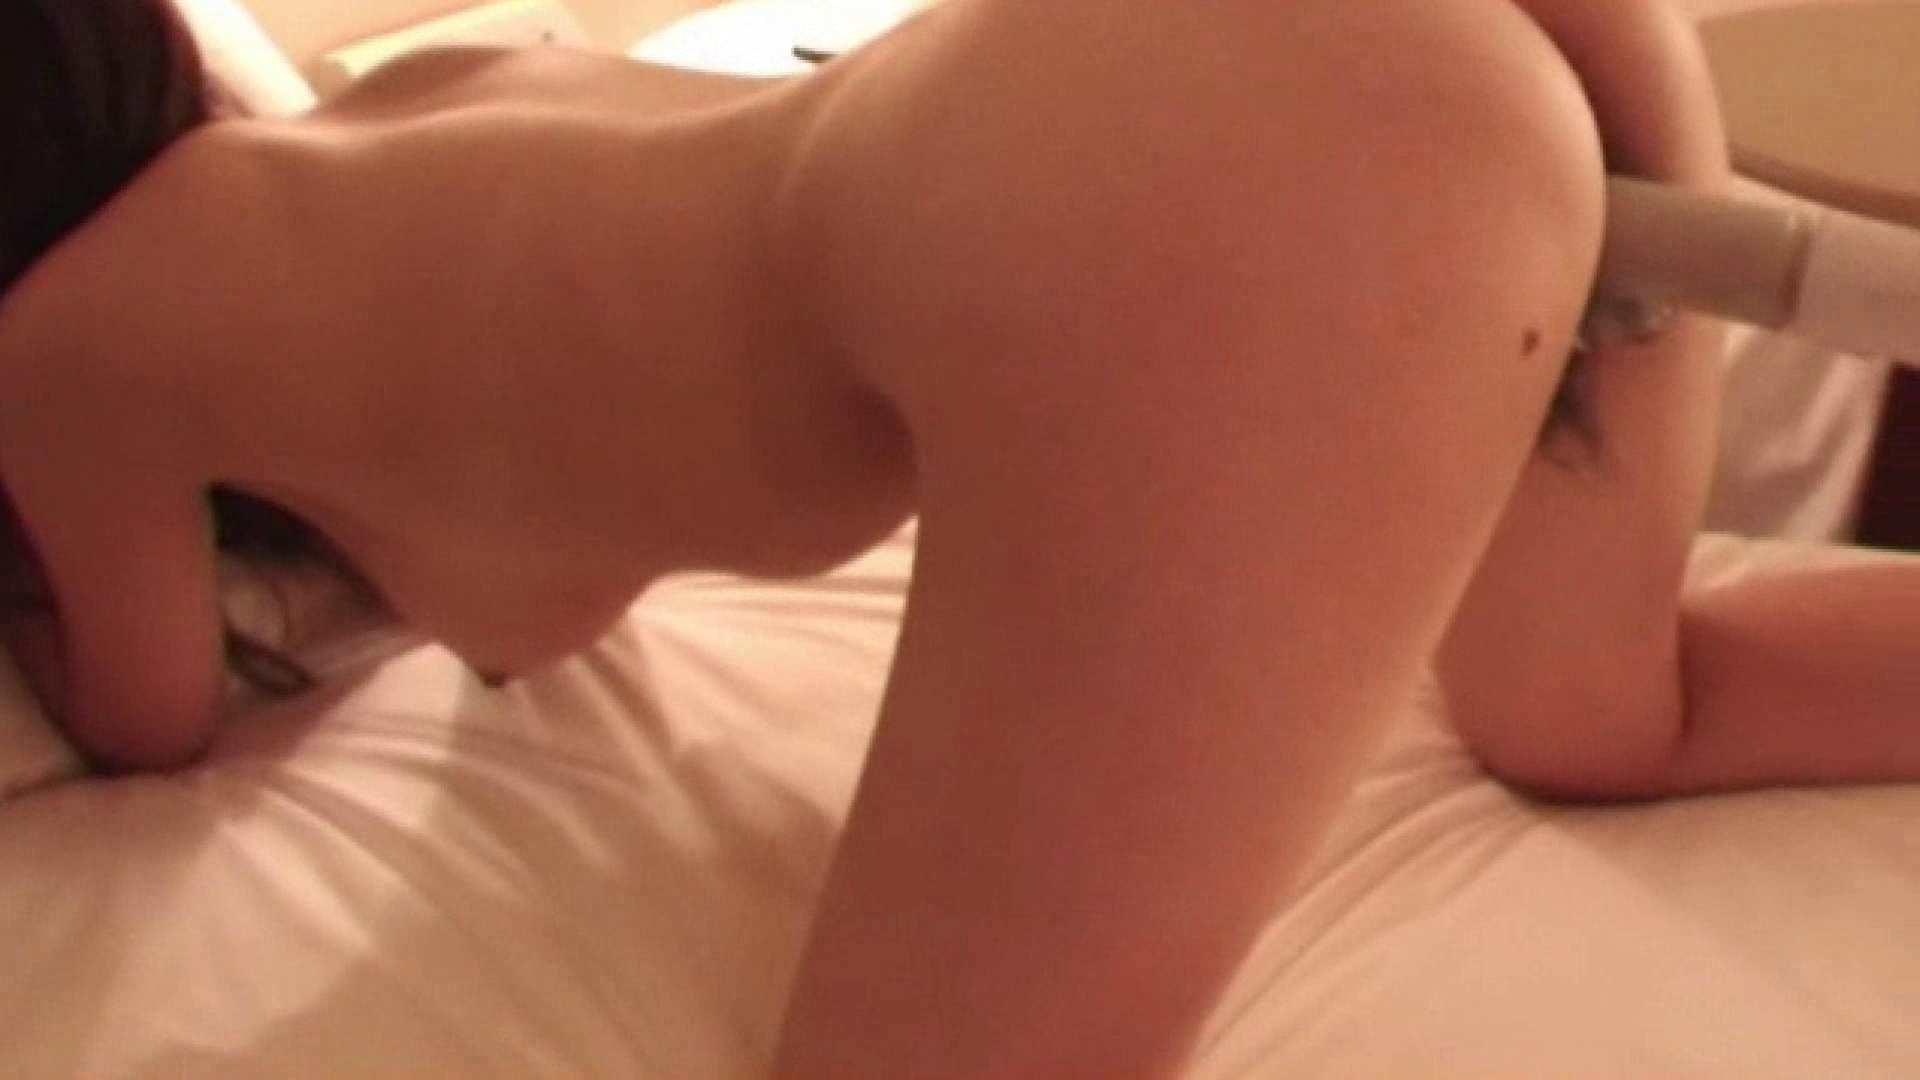 美女だらけのプライベートSEXvol.18前編 美しいモデル   プライベート映像お届け  64連発 61